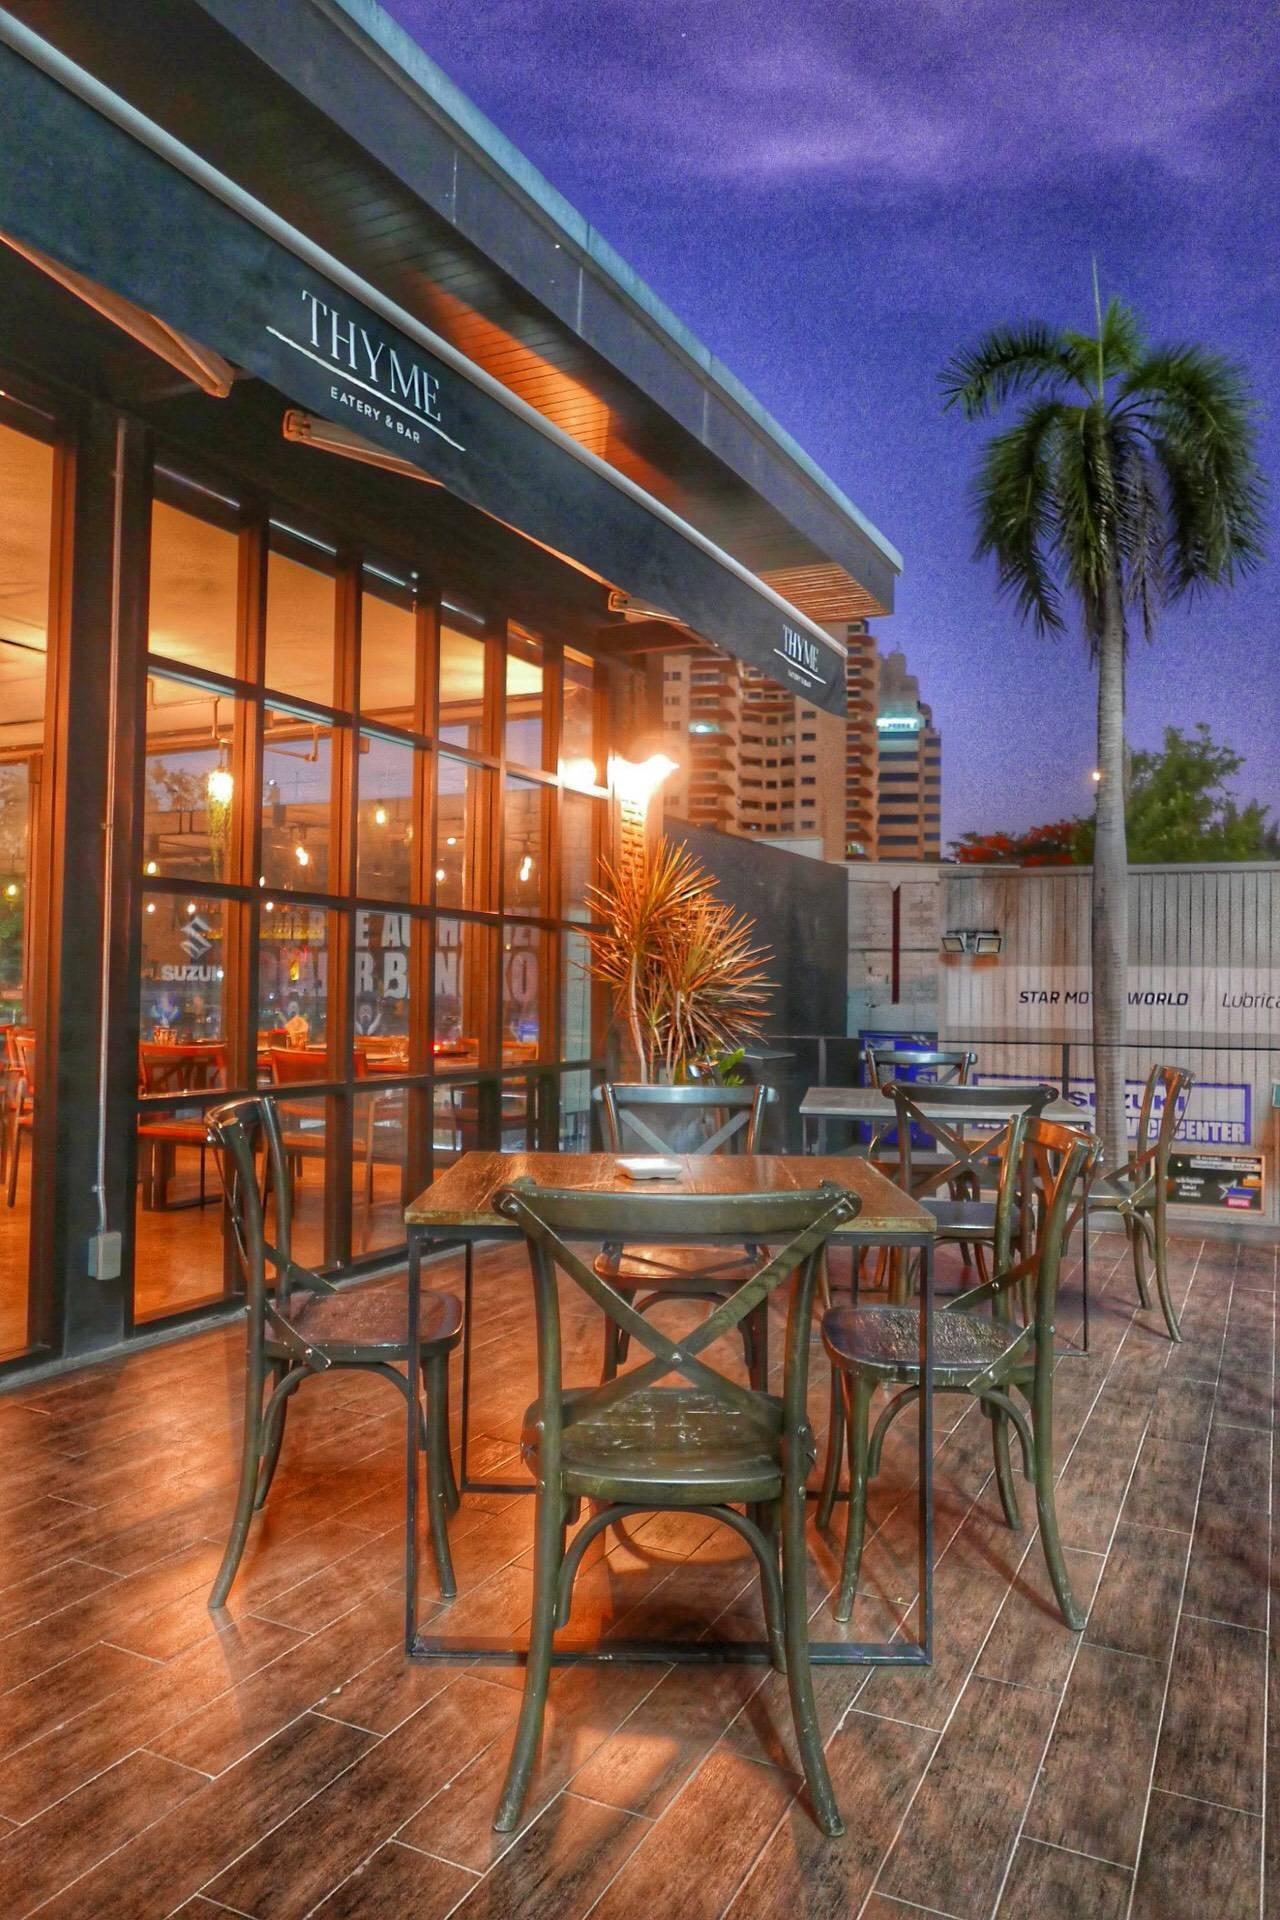 THYME Eatery&Bar